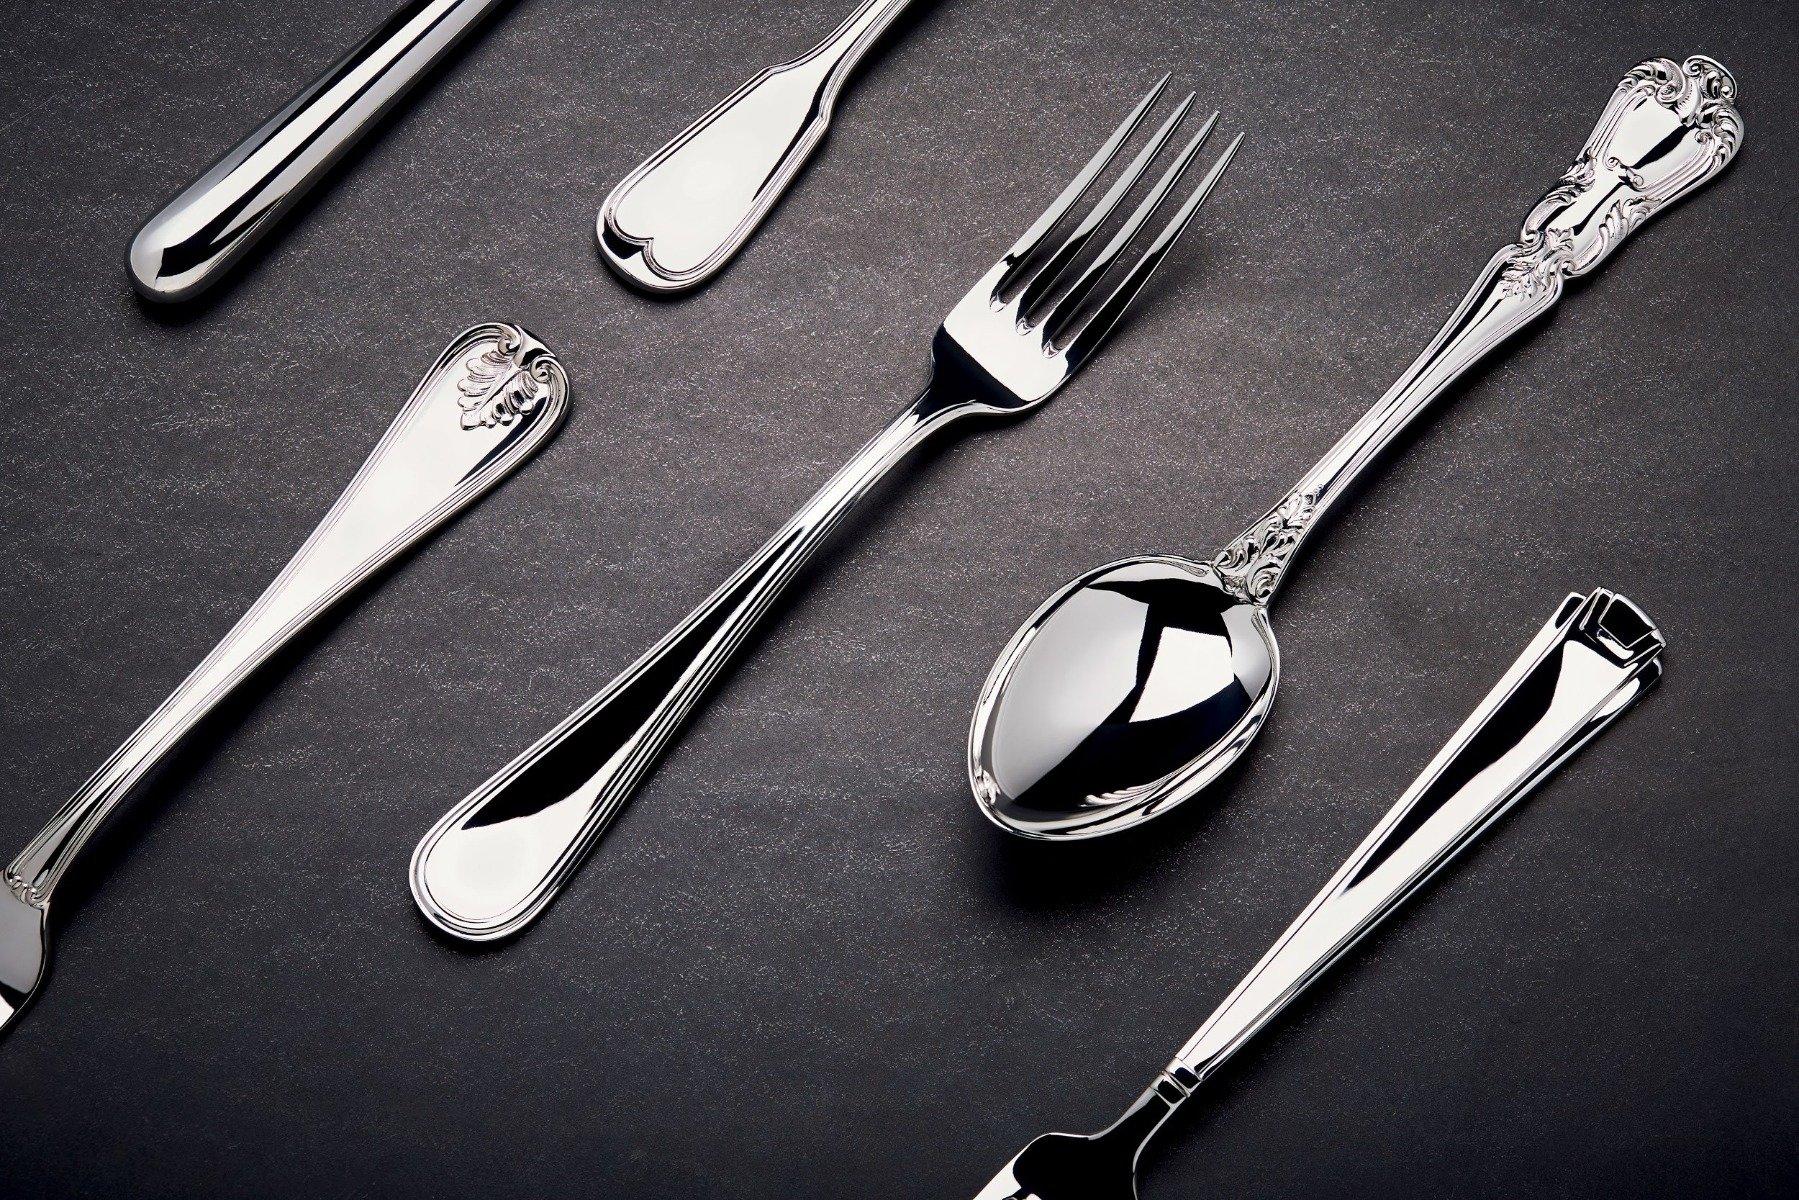 Posate Argento Come Pulirle consigli posate in argento - blog | argenteria schiavon